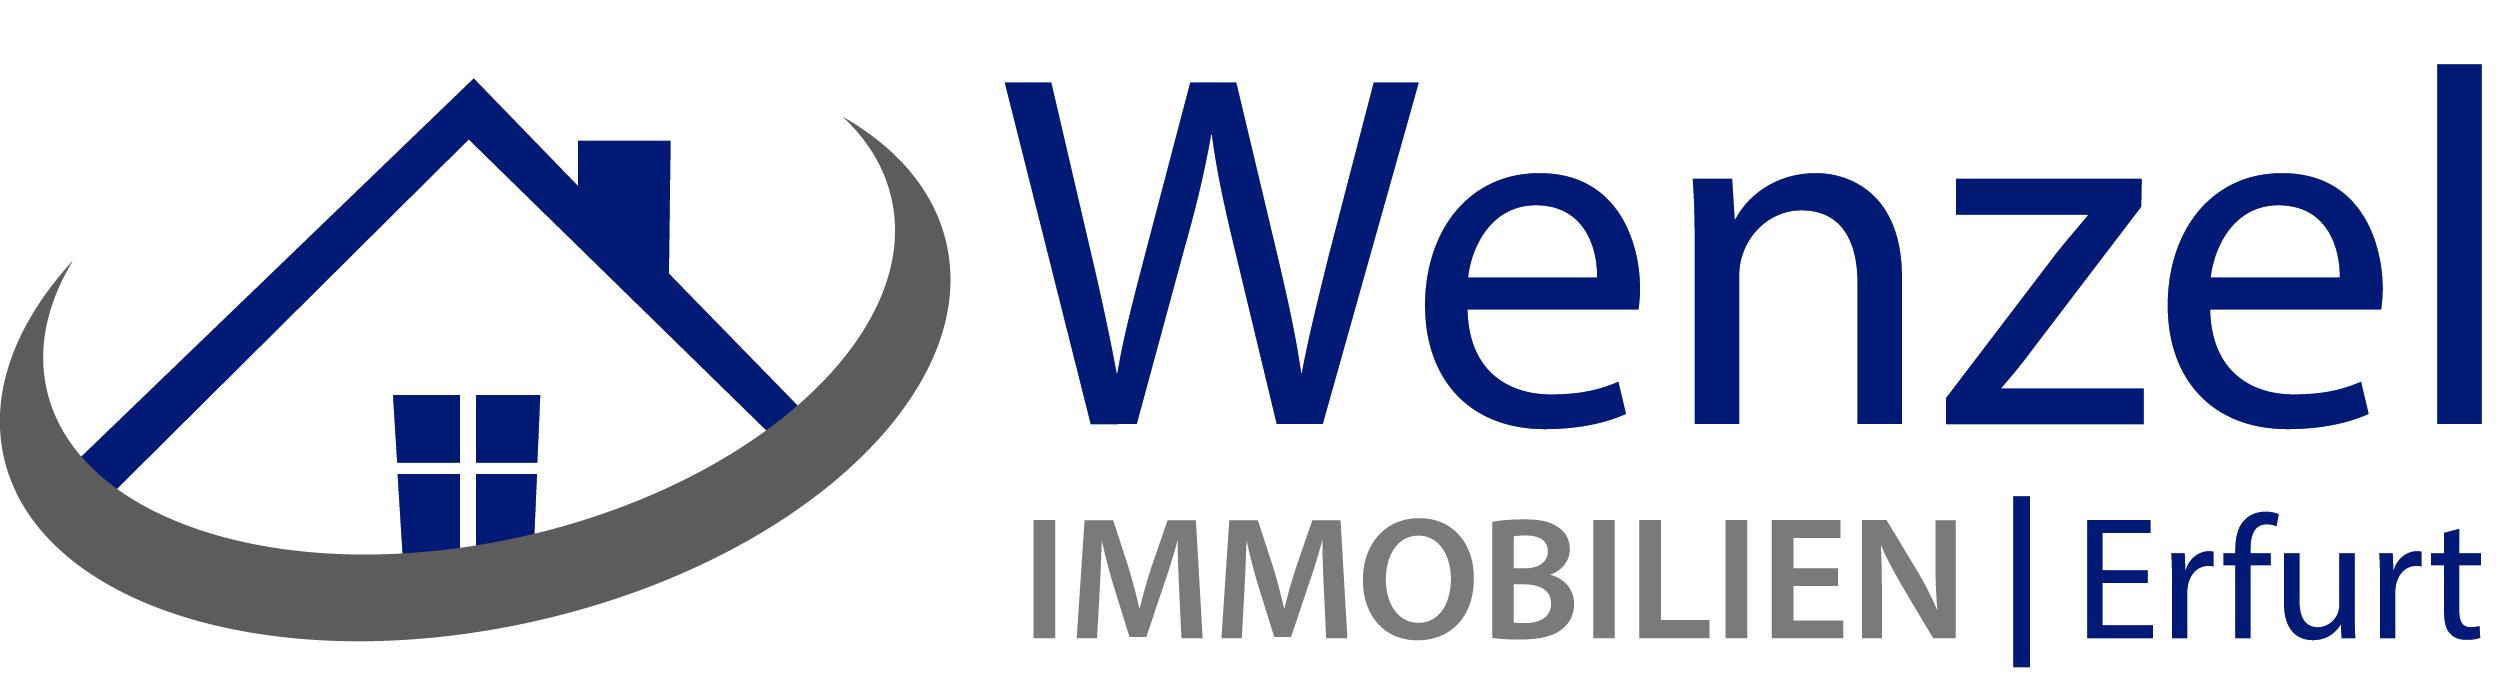 Hier sehen Sie das Logo von Wenzel Immobilien Erfurt